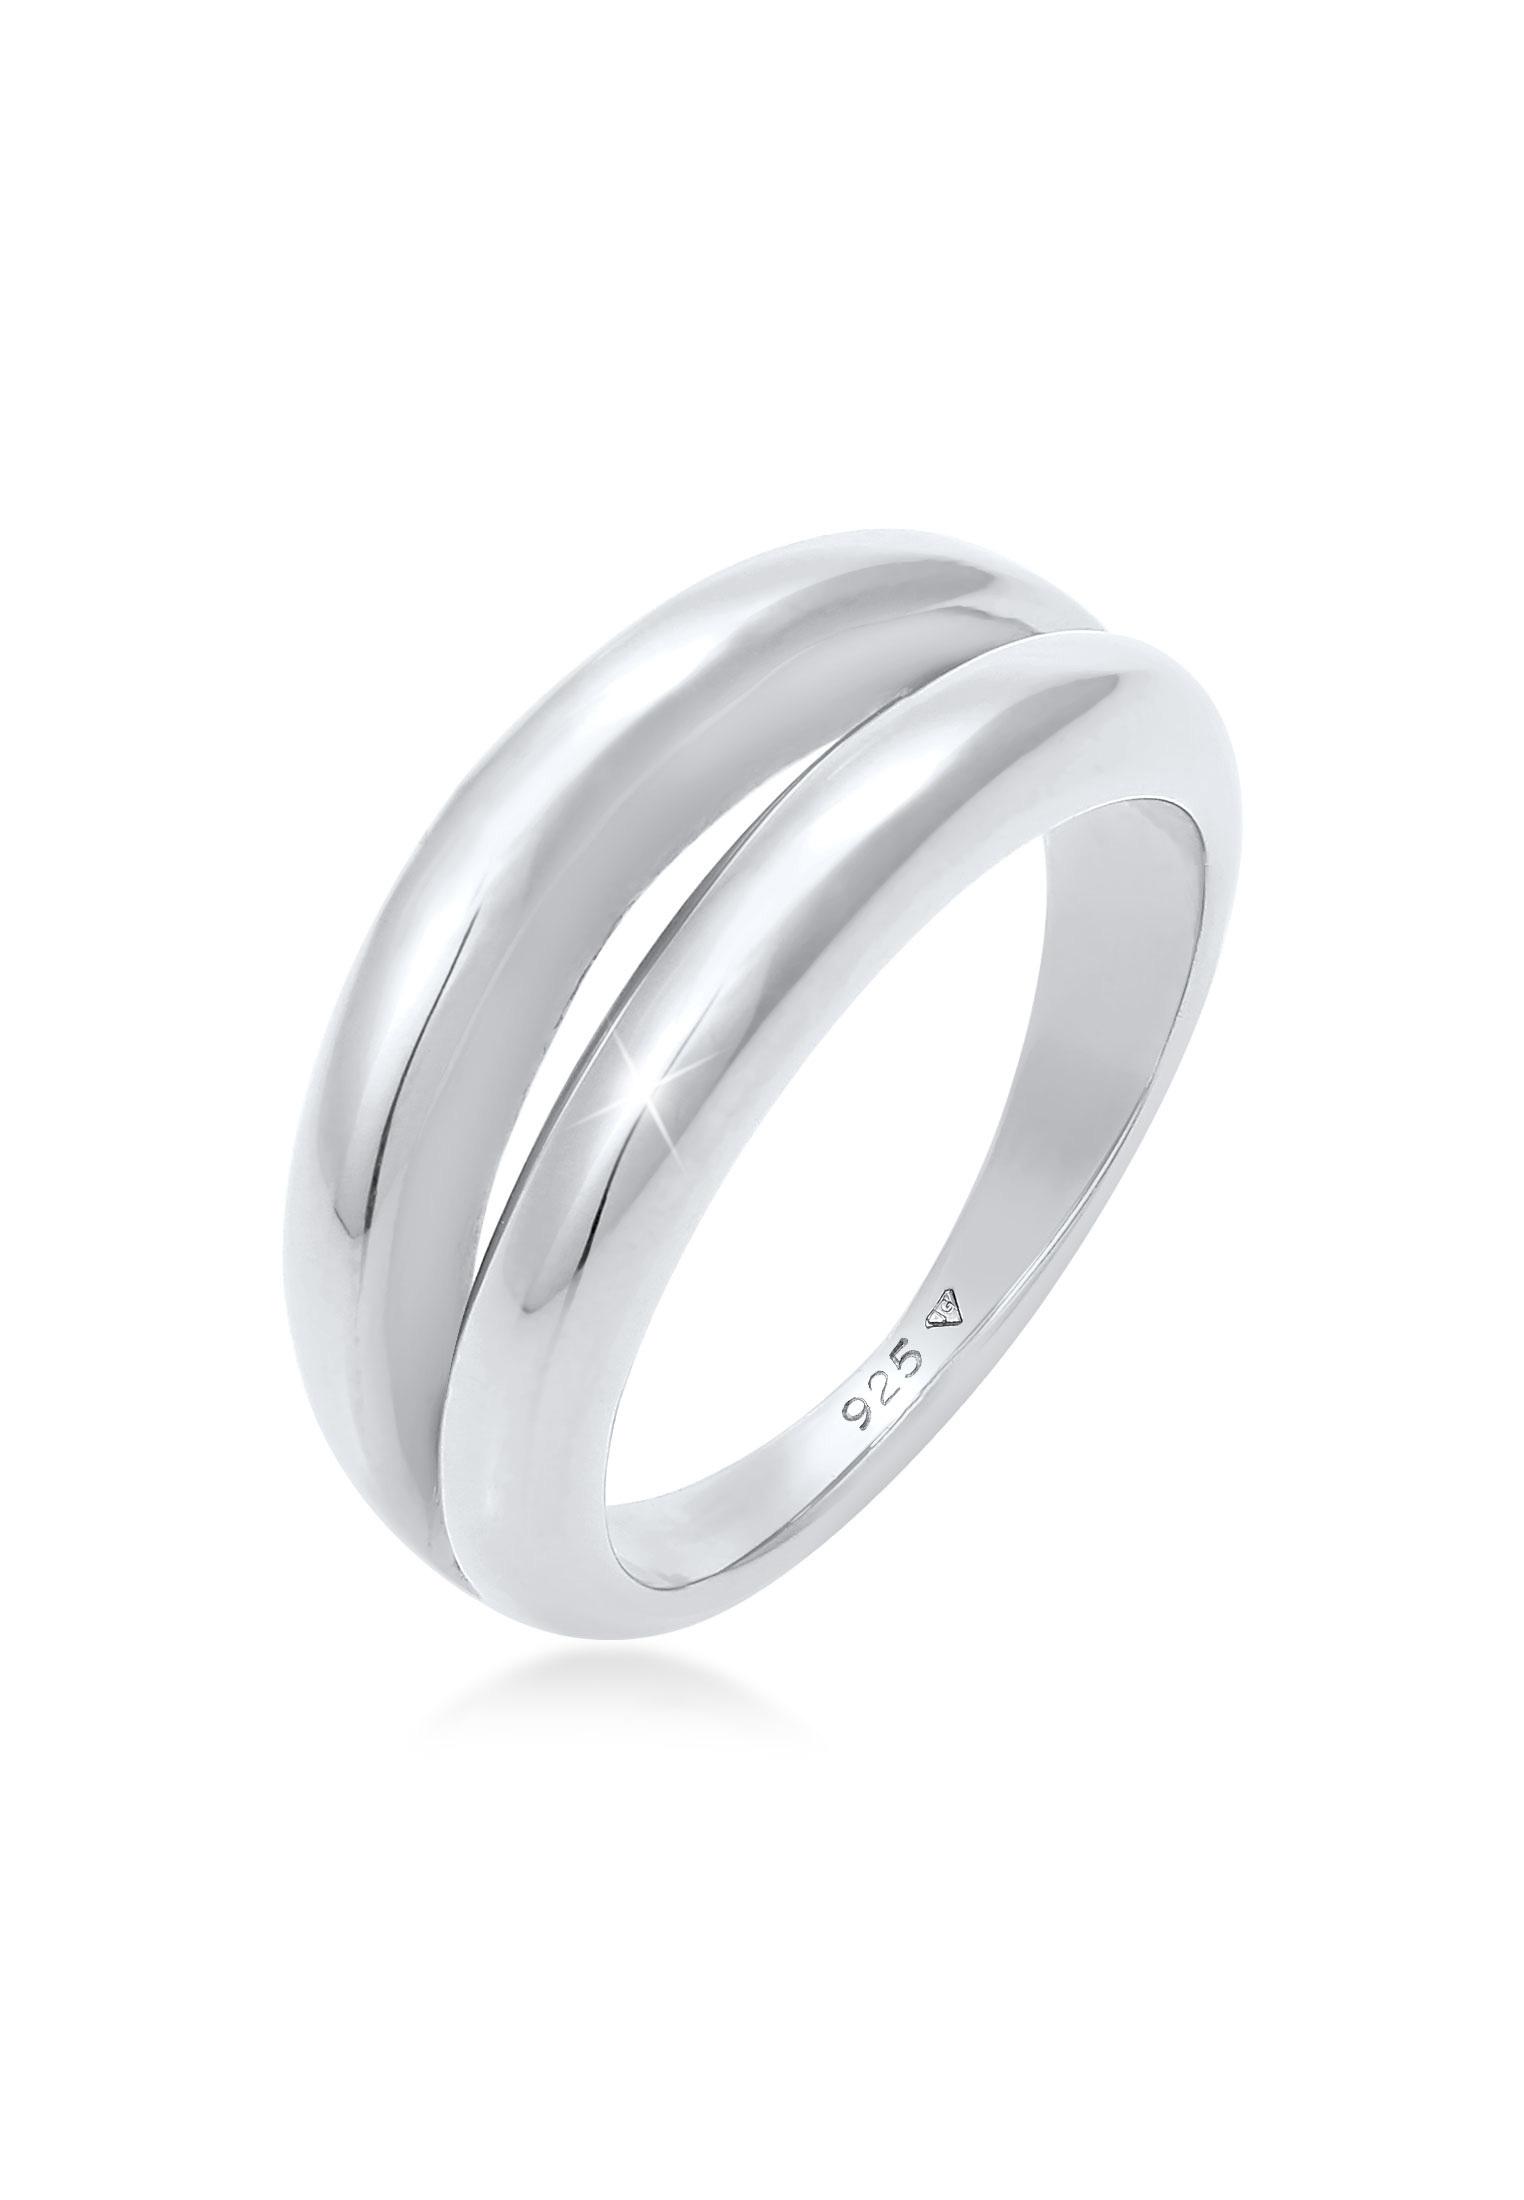 Bandring   925er Sterling Silber